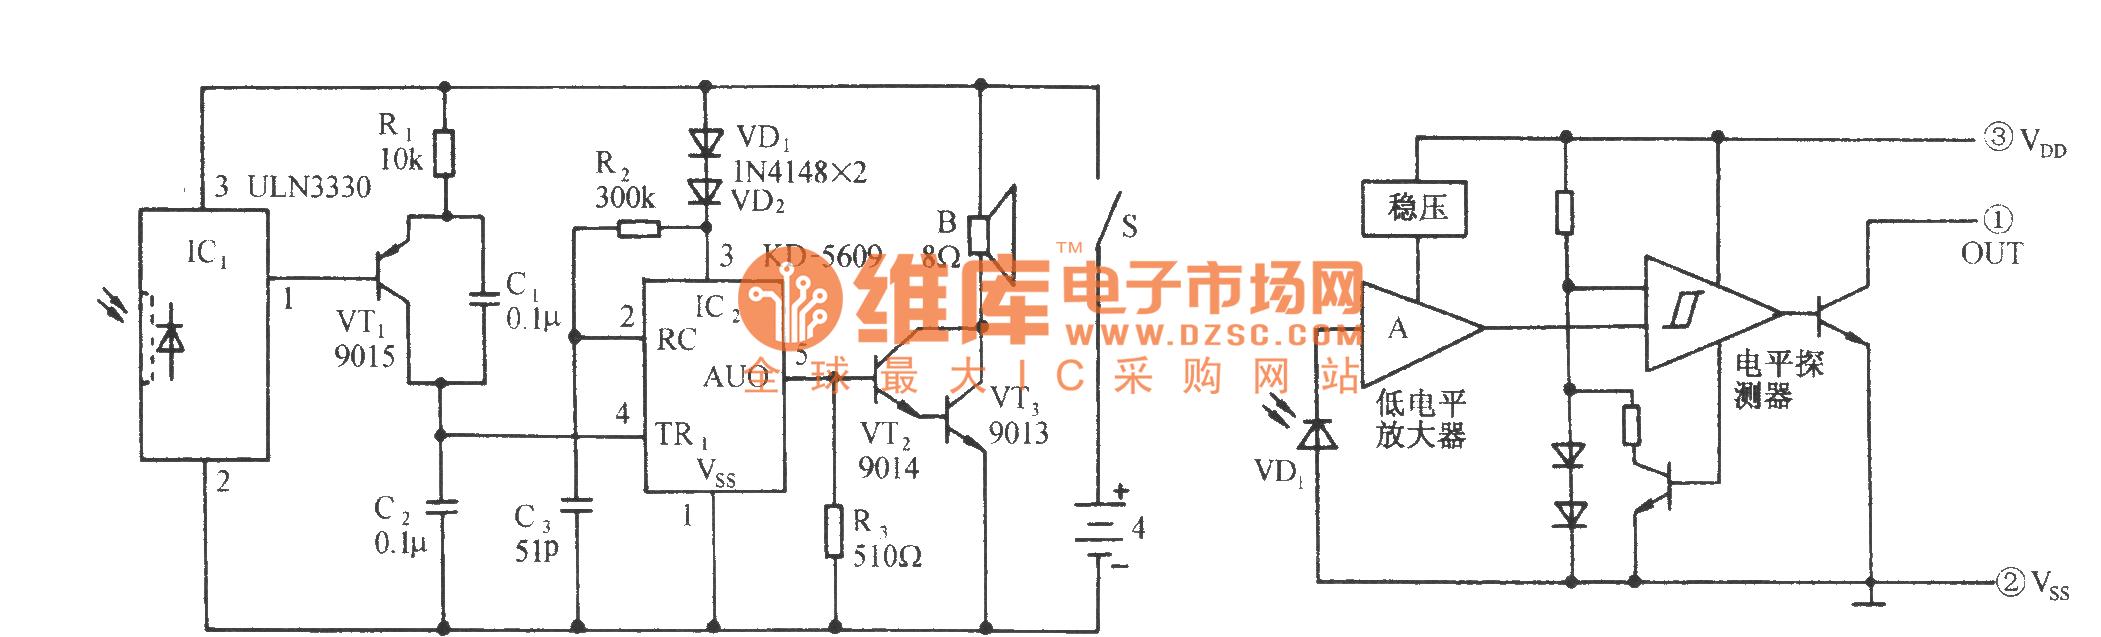 Insufficient Light Cock Sound Alarm Circuit Control Diagram